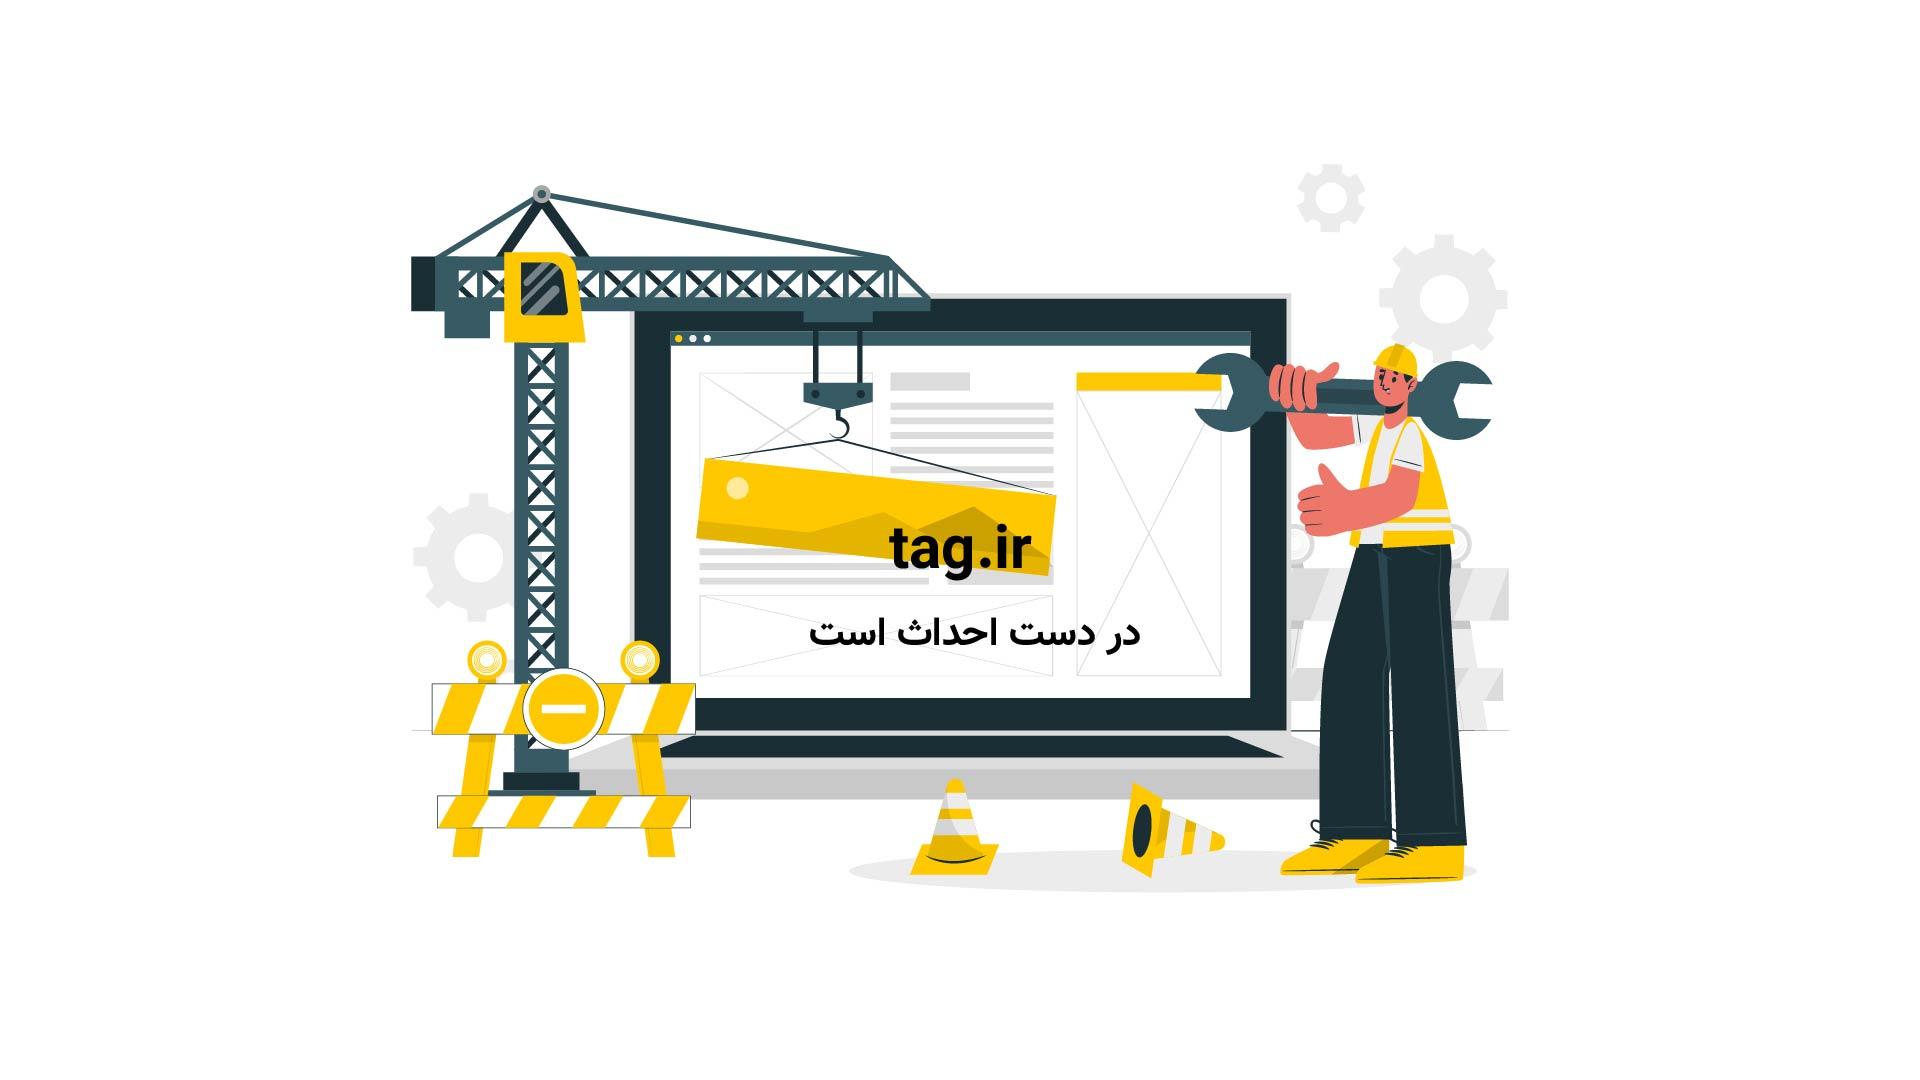 دیالوگ برتر فیلم کارناوال مرگ؛ فرامرز قریبیان بهرام رادان تگ